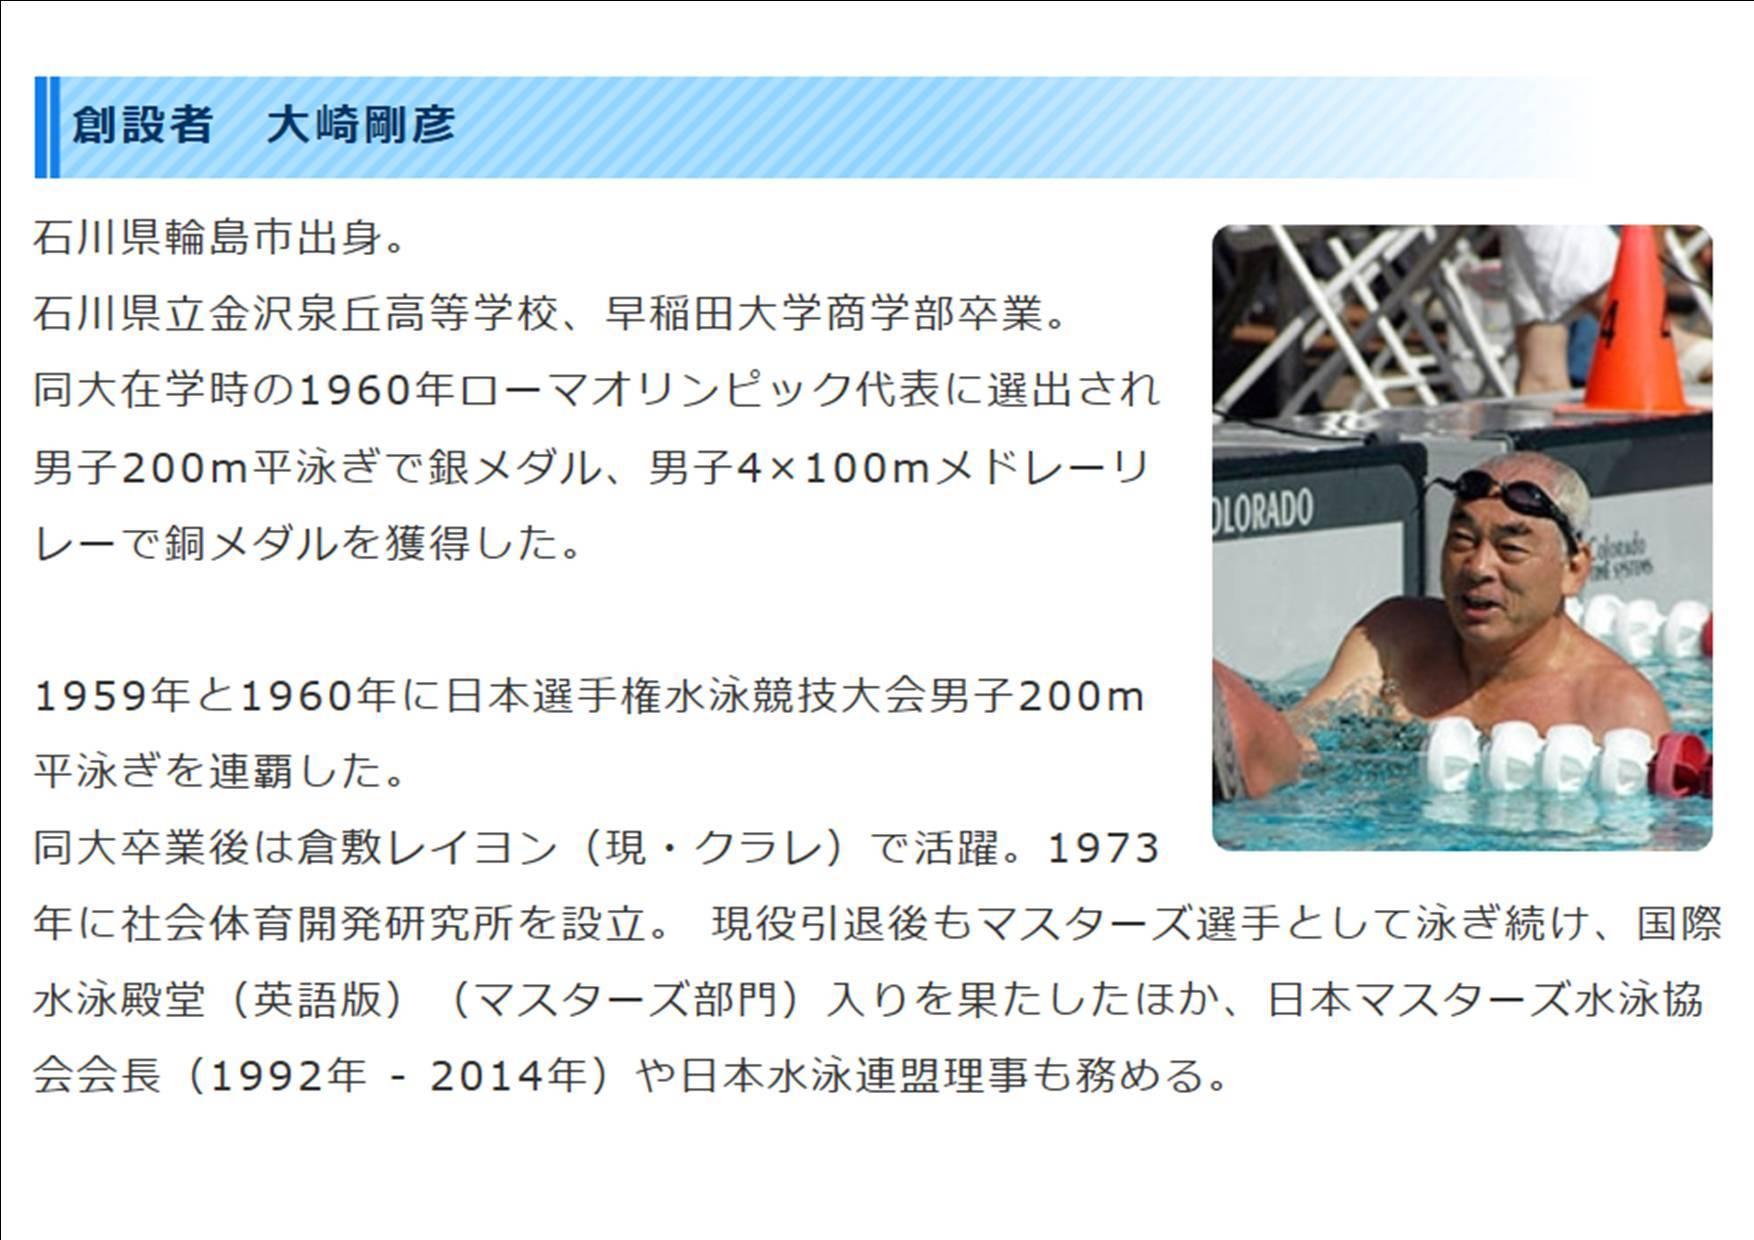 速報 連盟 県 青森 水泳